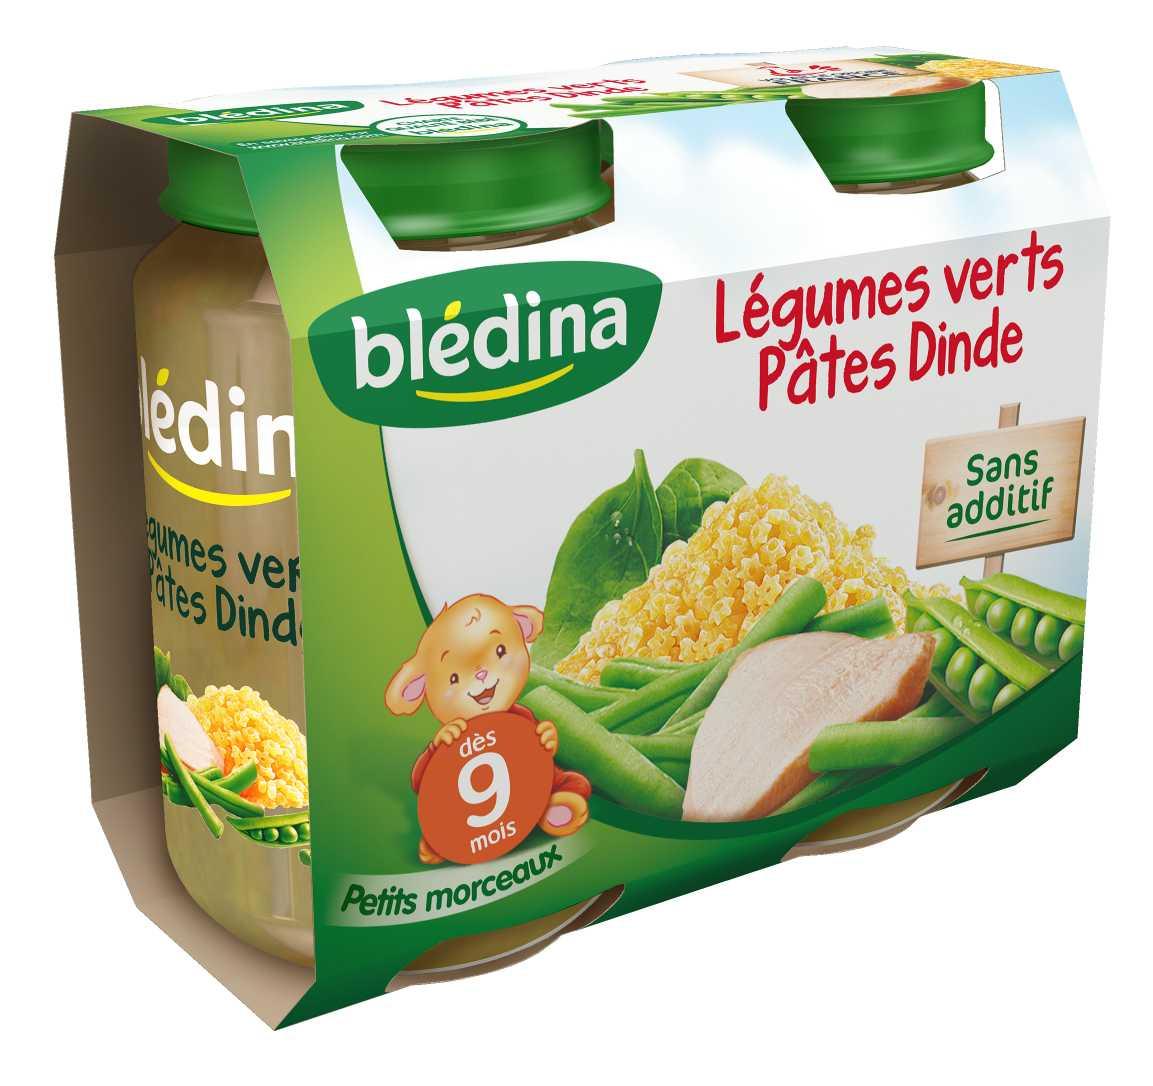 Pot Légumes verts Pâtes Dinde 2x200g BLEDINA